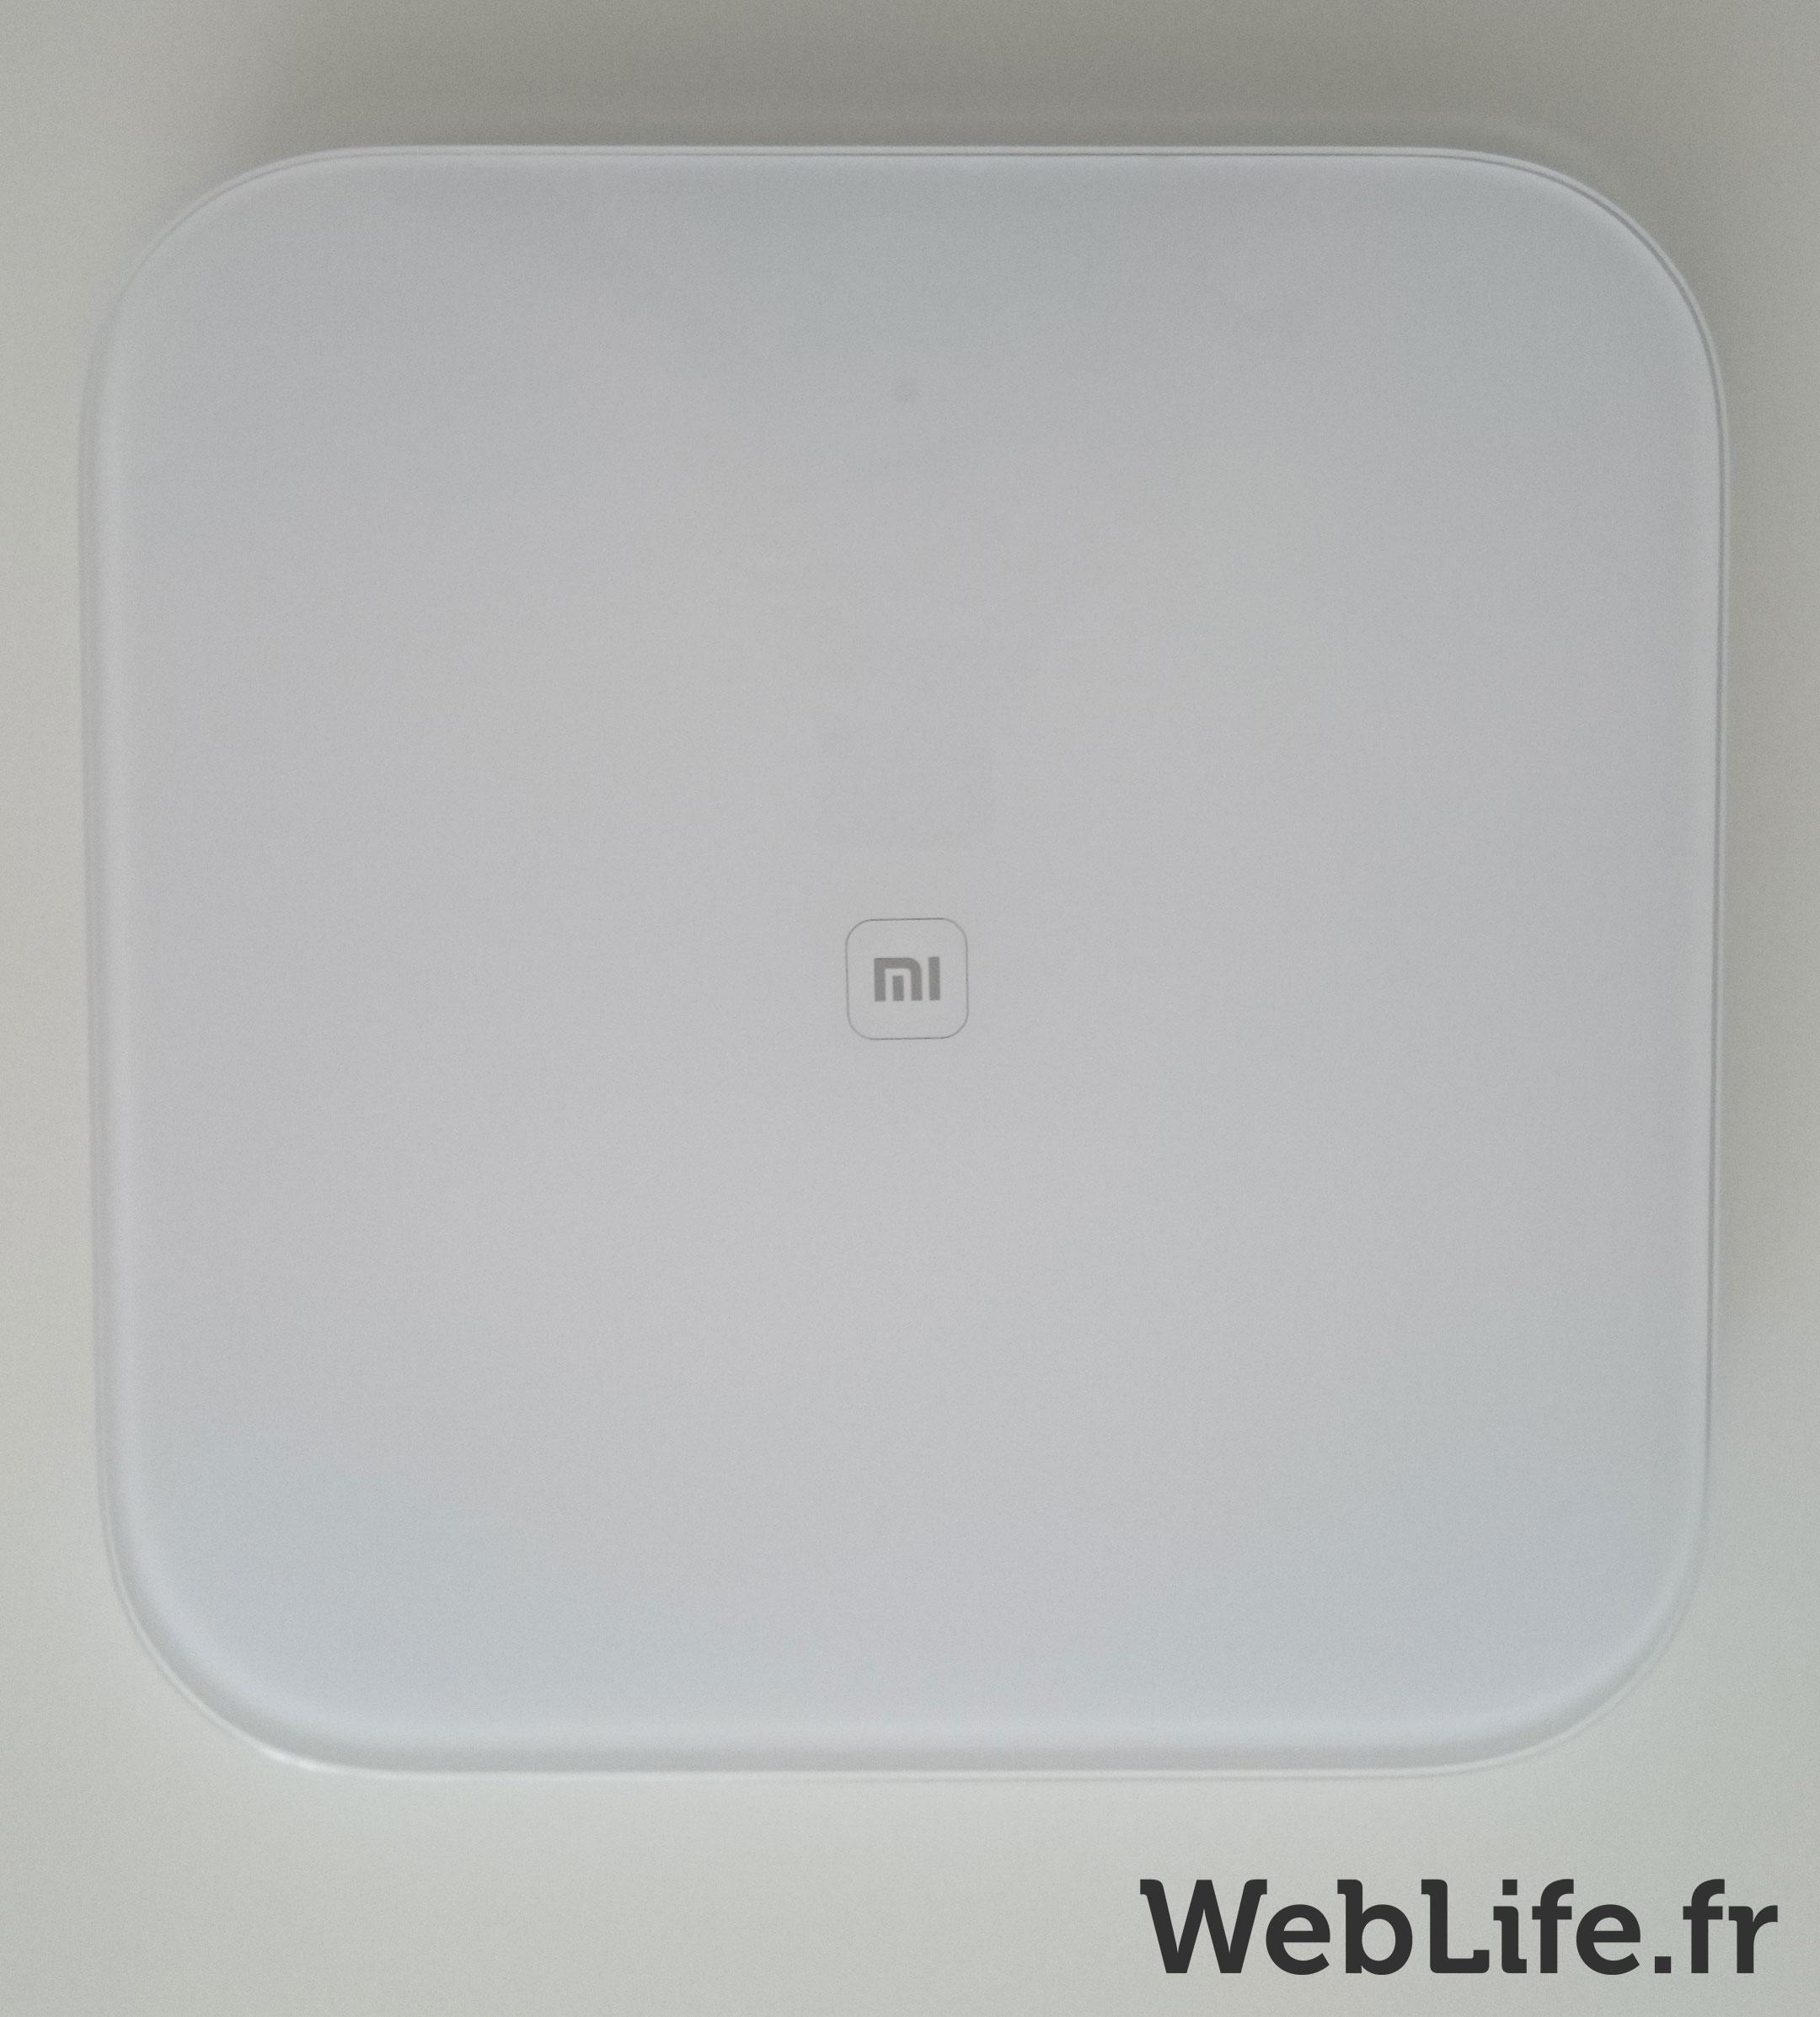 Balance connectée Xiaomi - Ecran